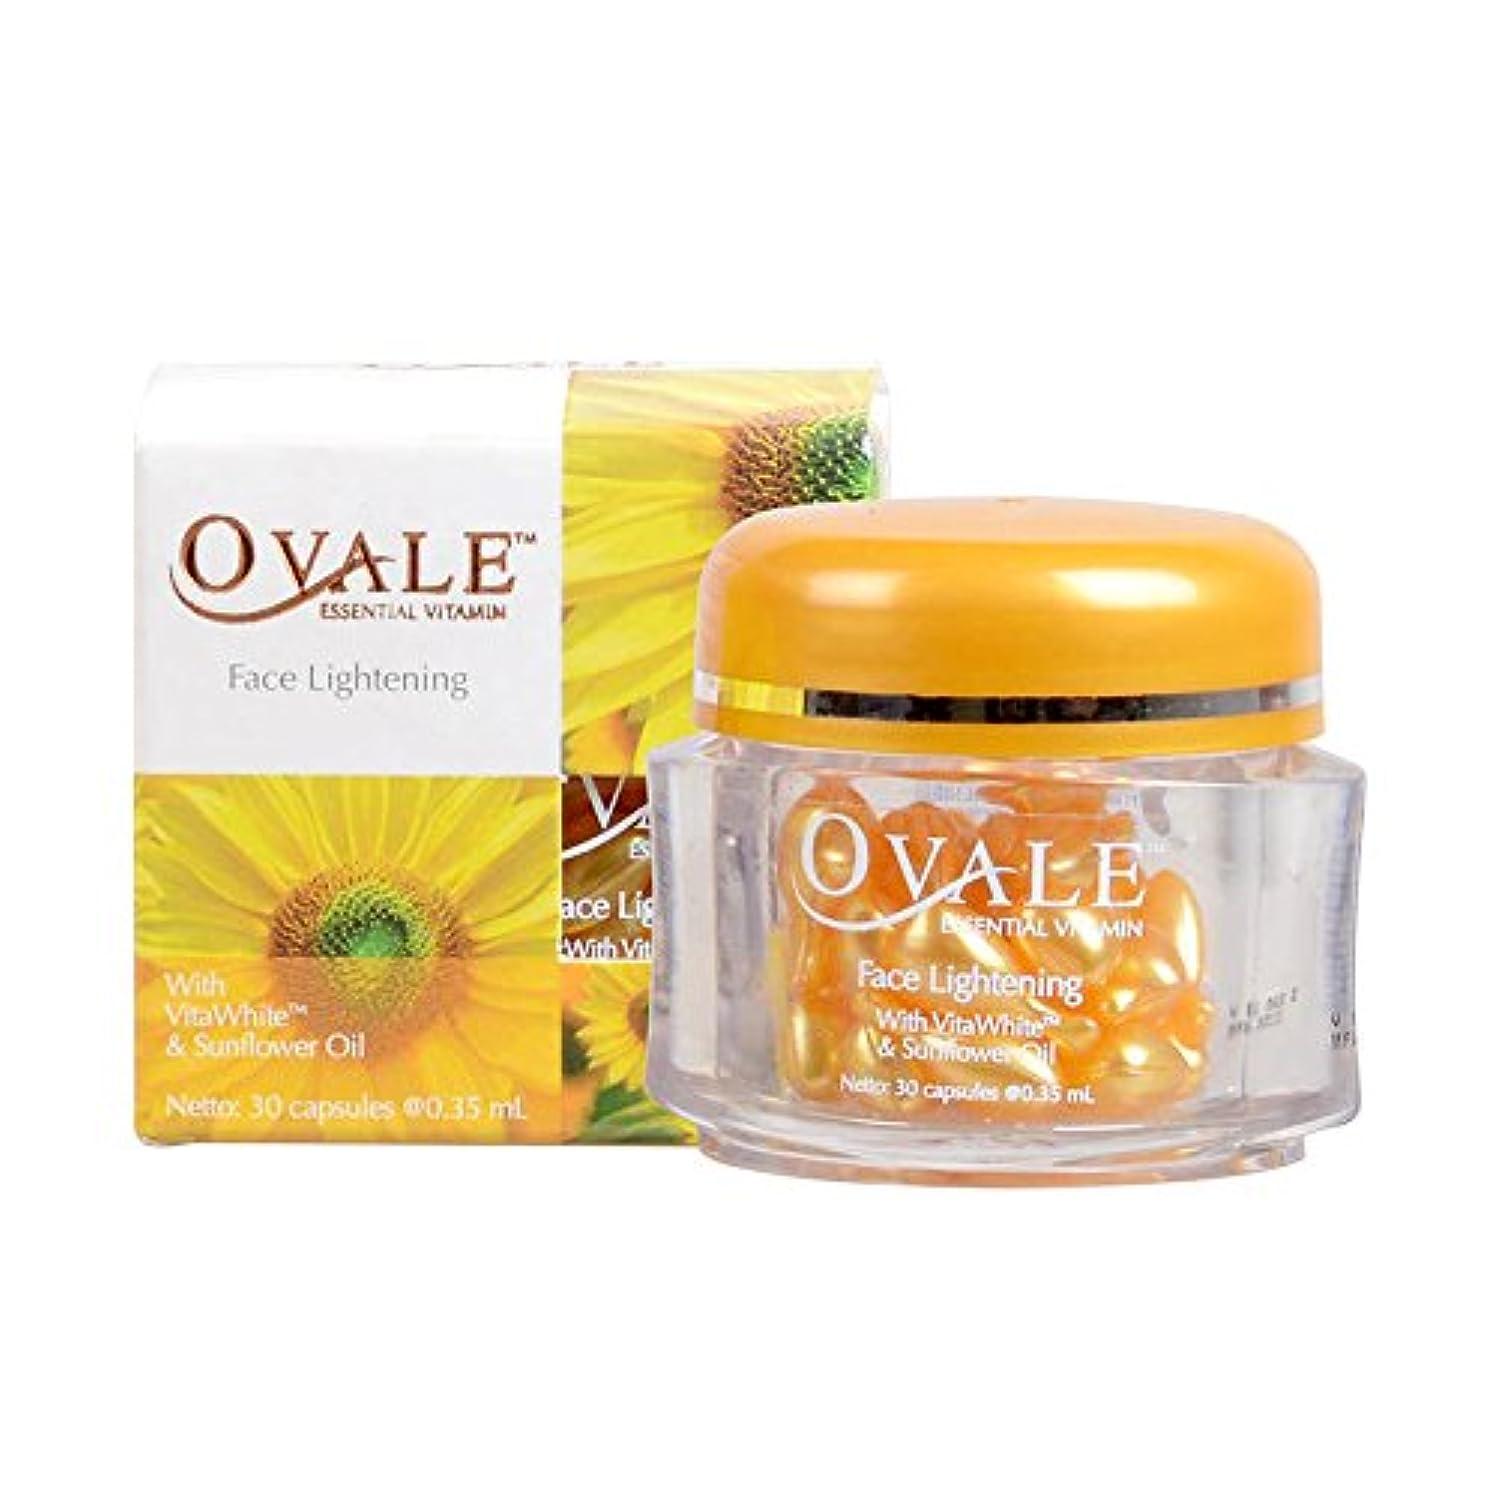 寄生虫魅力的スポンサーOvale オーバル フェイスビタミン essential vitamin 30粒入ボトル サンフラワー バリ島 bali [海外直送品]